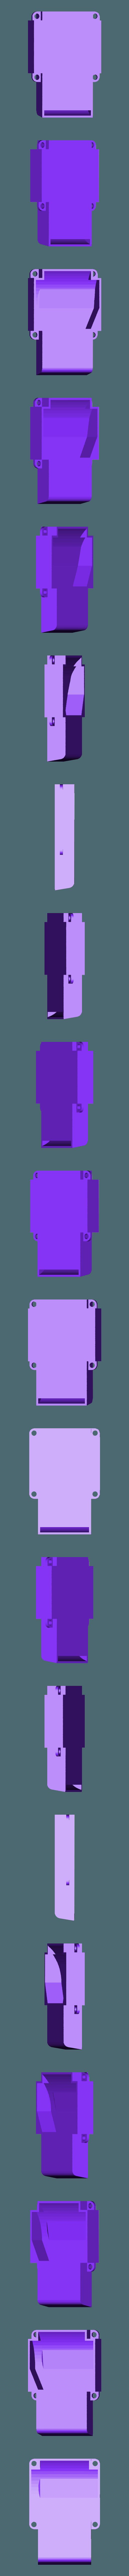 gehäuse.stl Télécharger fichier STL gratuit Adaptateur pour refroidisseur d'air Anycubic Chiron • Objet à imprimer en 3D, Putinas123